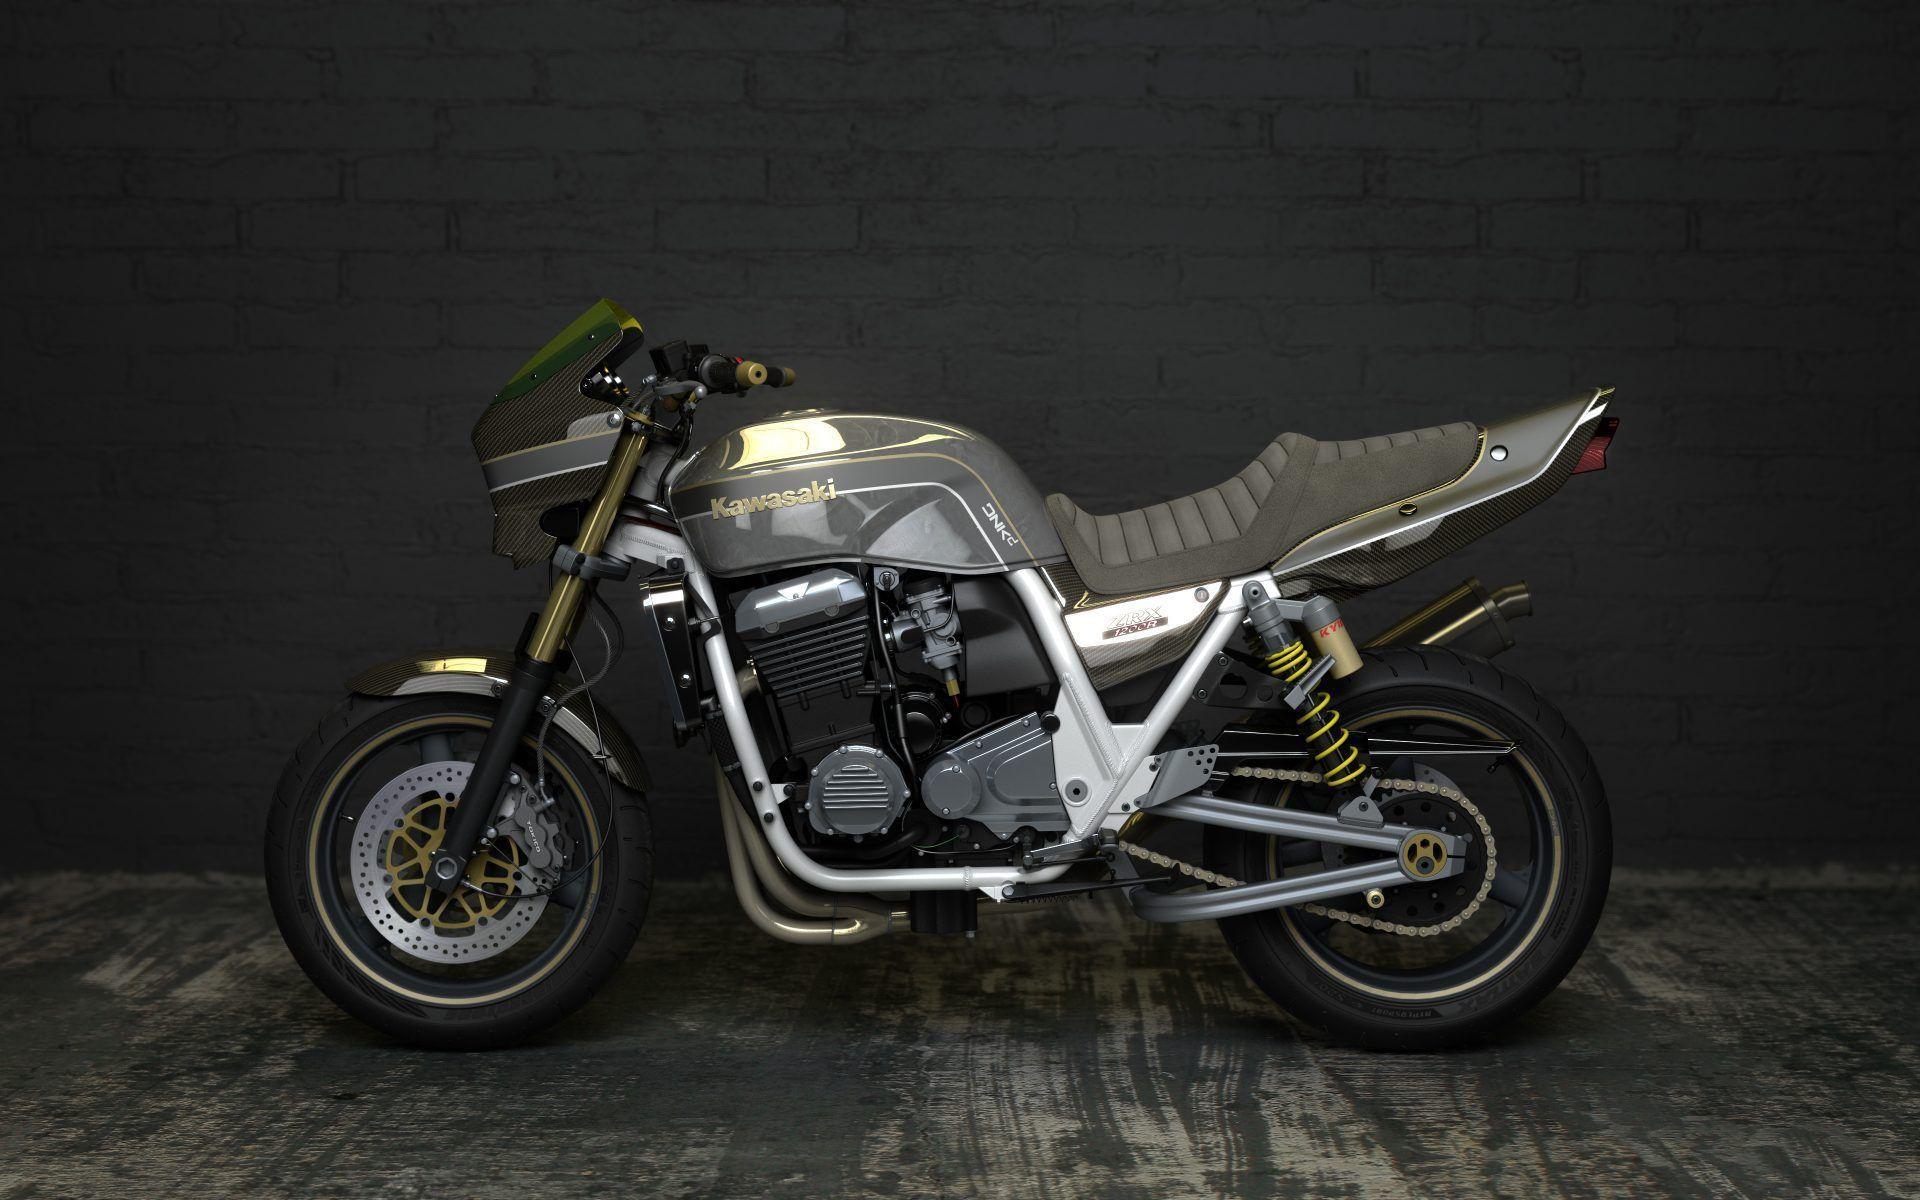 Kawasaki Zrx Wallpapers